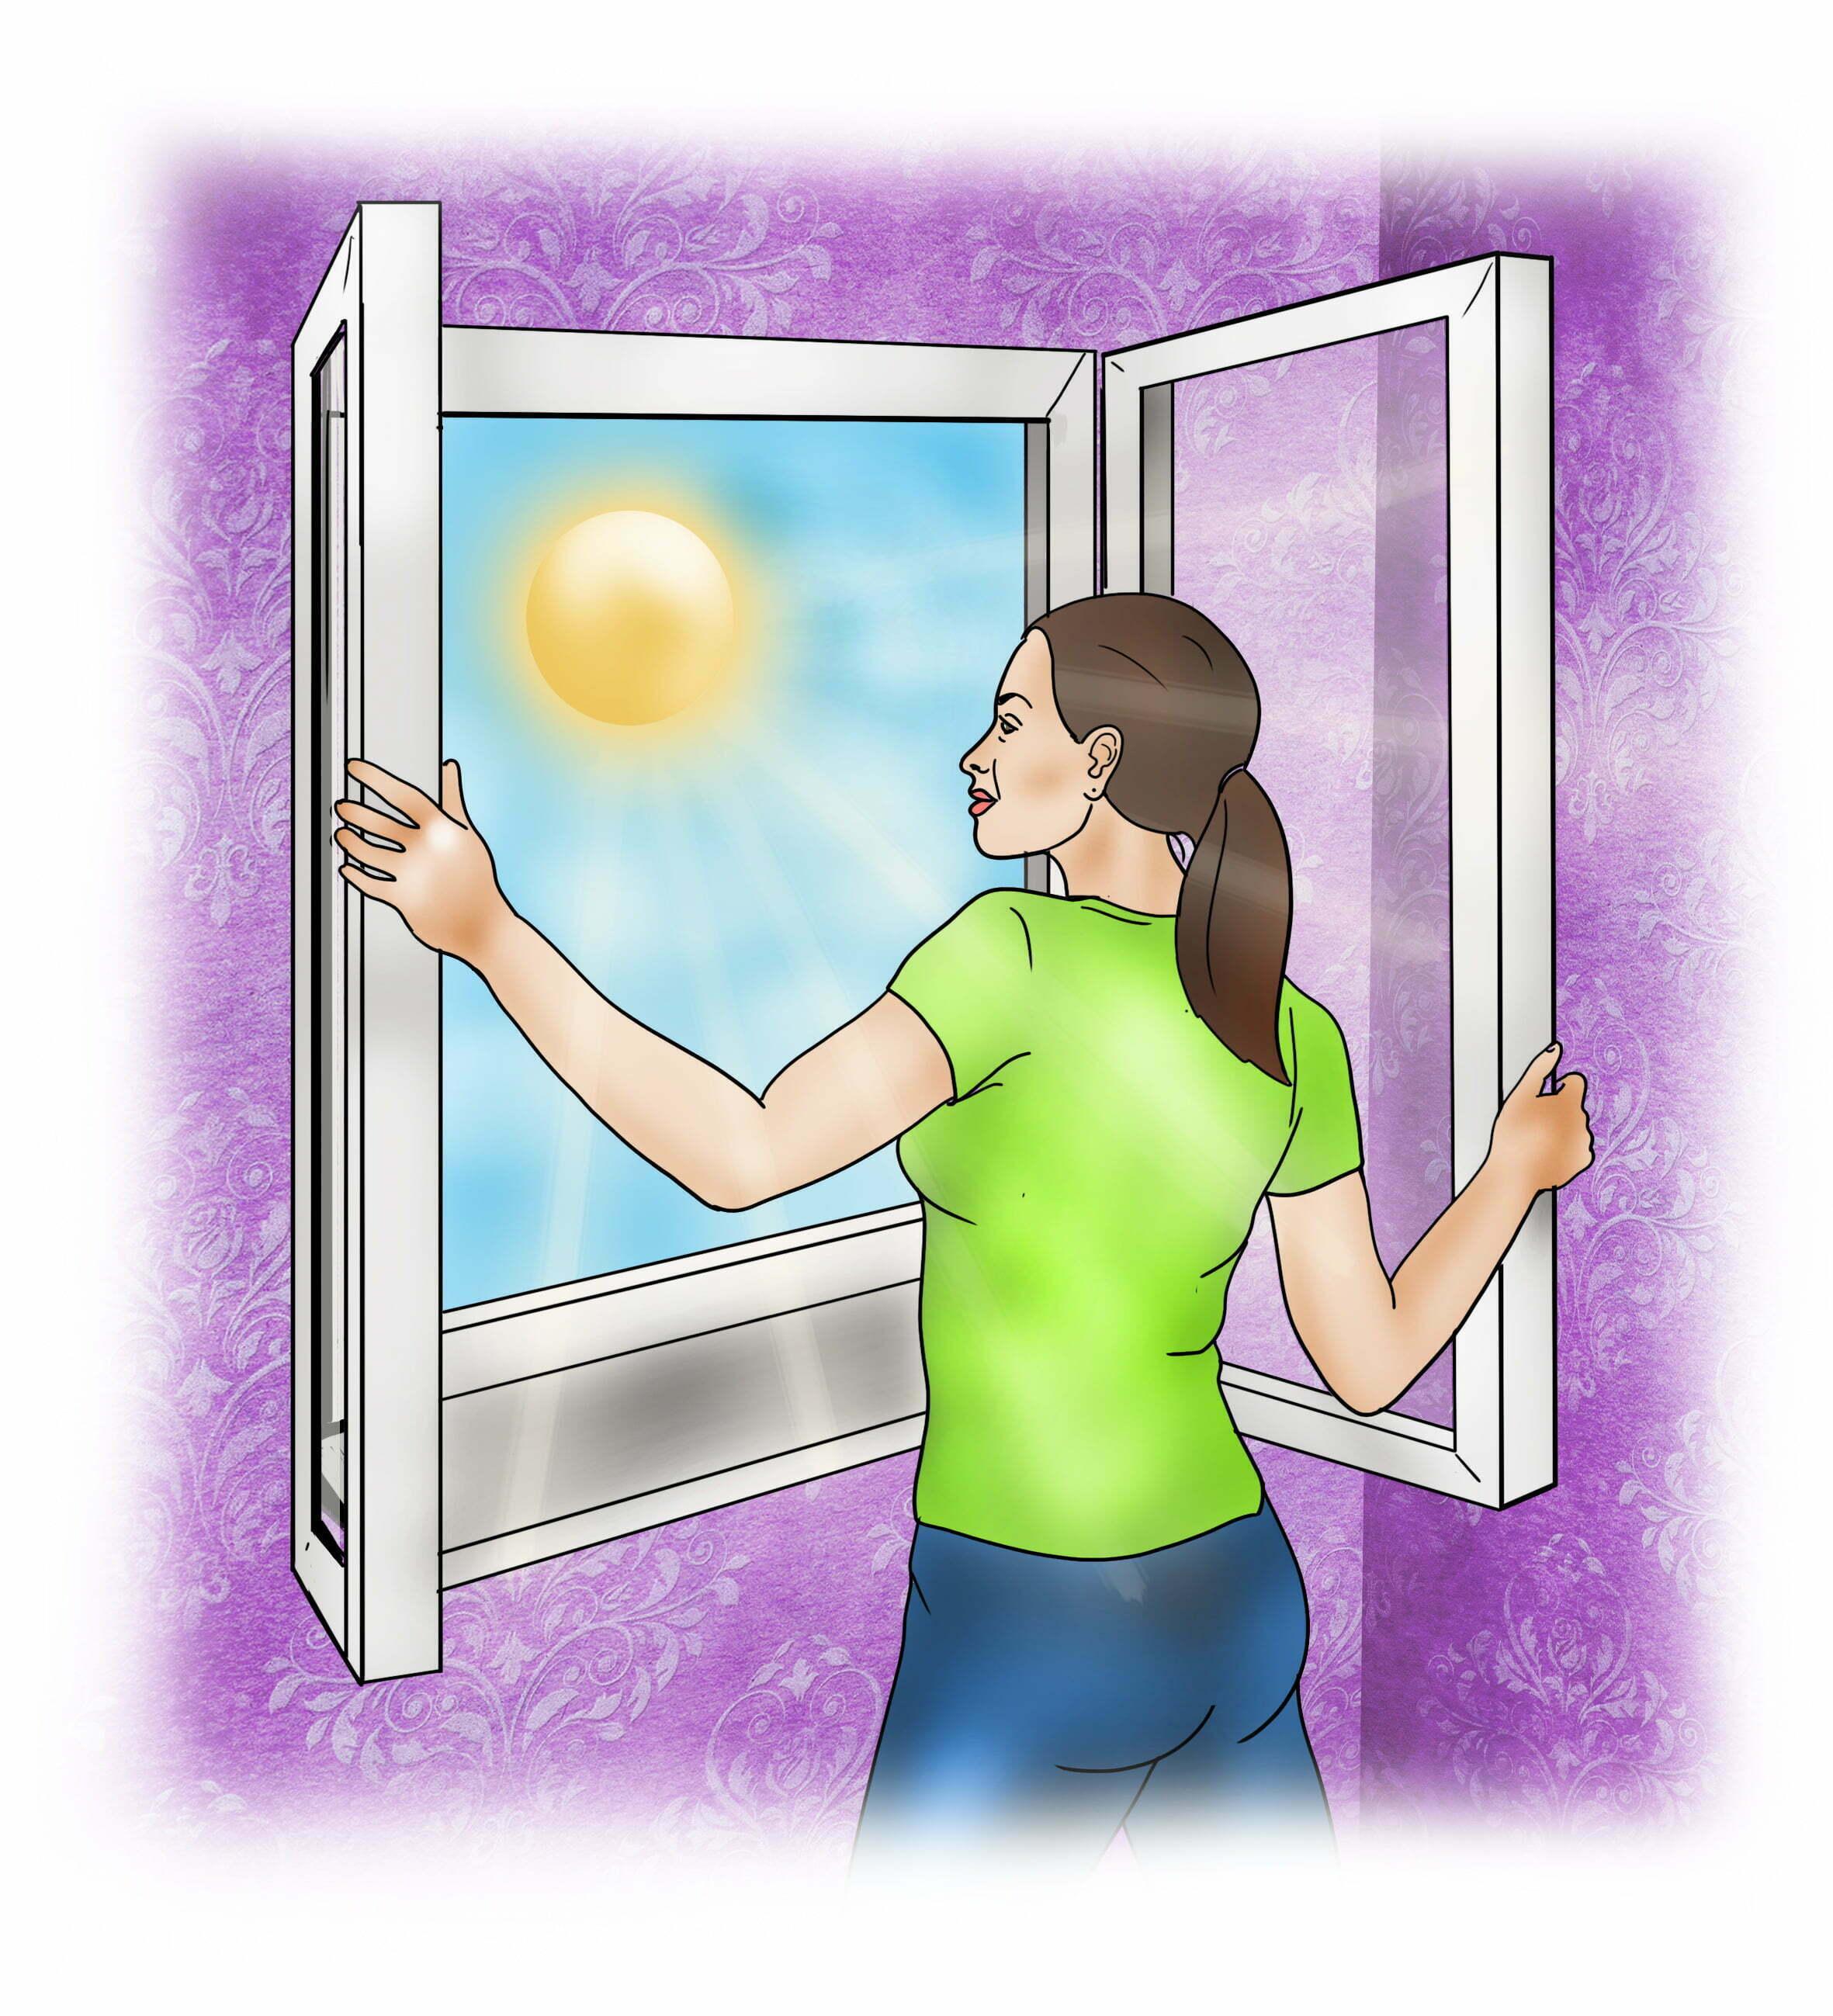 Open windows to increase air circulation